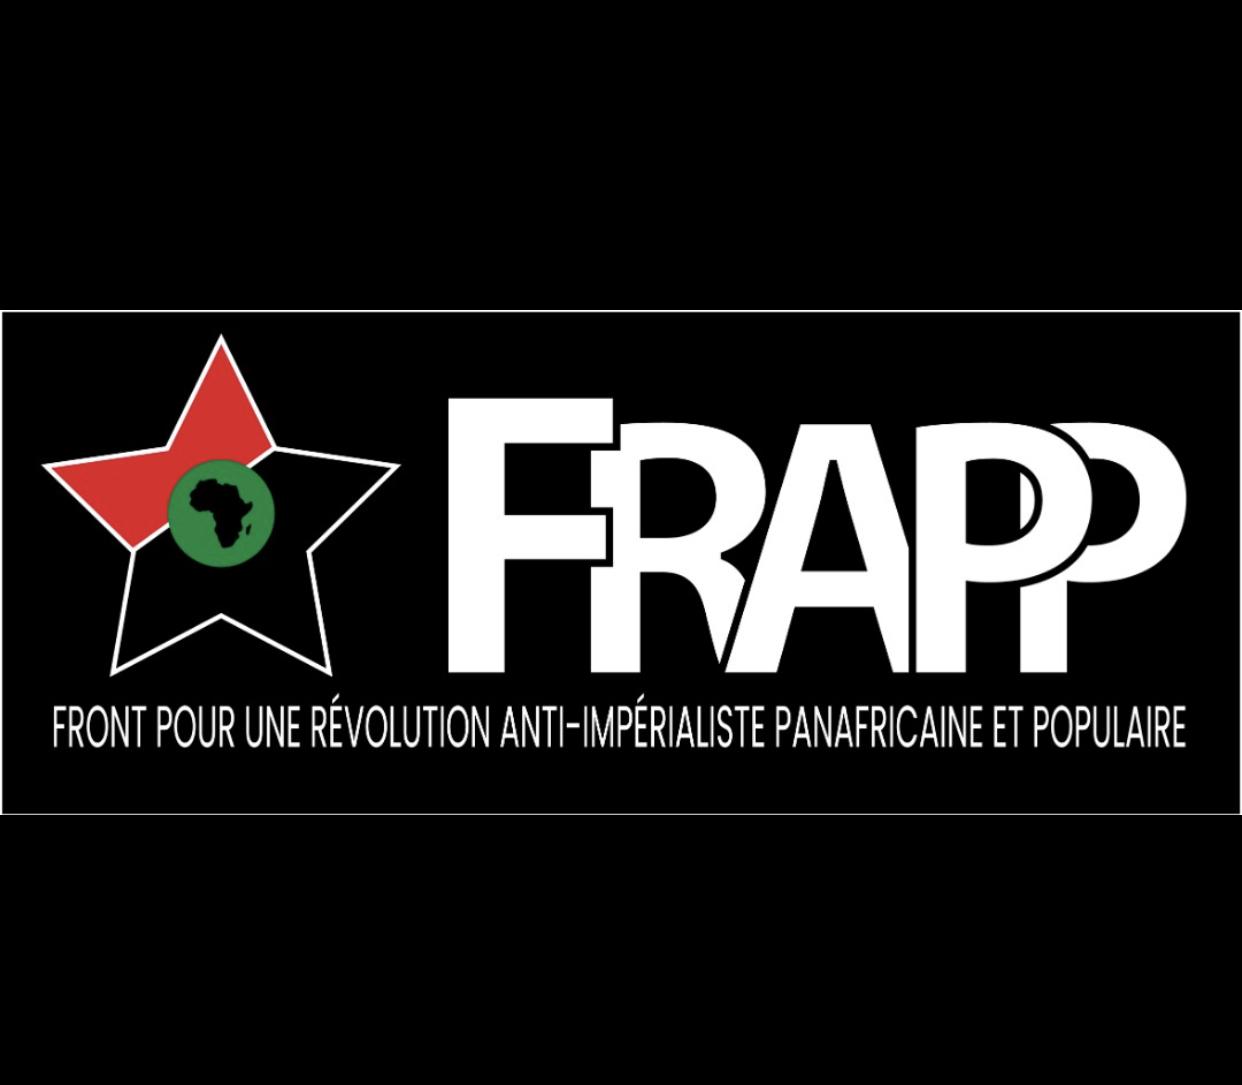 """Visite d'Edouard Philippe à Dakar : Le FRAPP parle d'une visite aux allures de """"maintien de la camisole de force du franc CFA liant les ex-colonies à la métropole""""."""